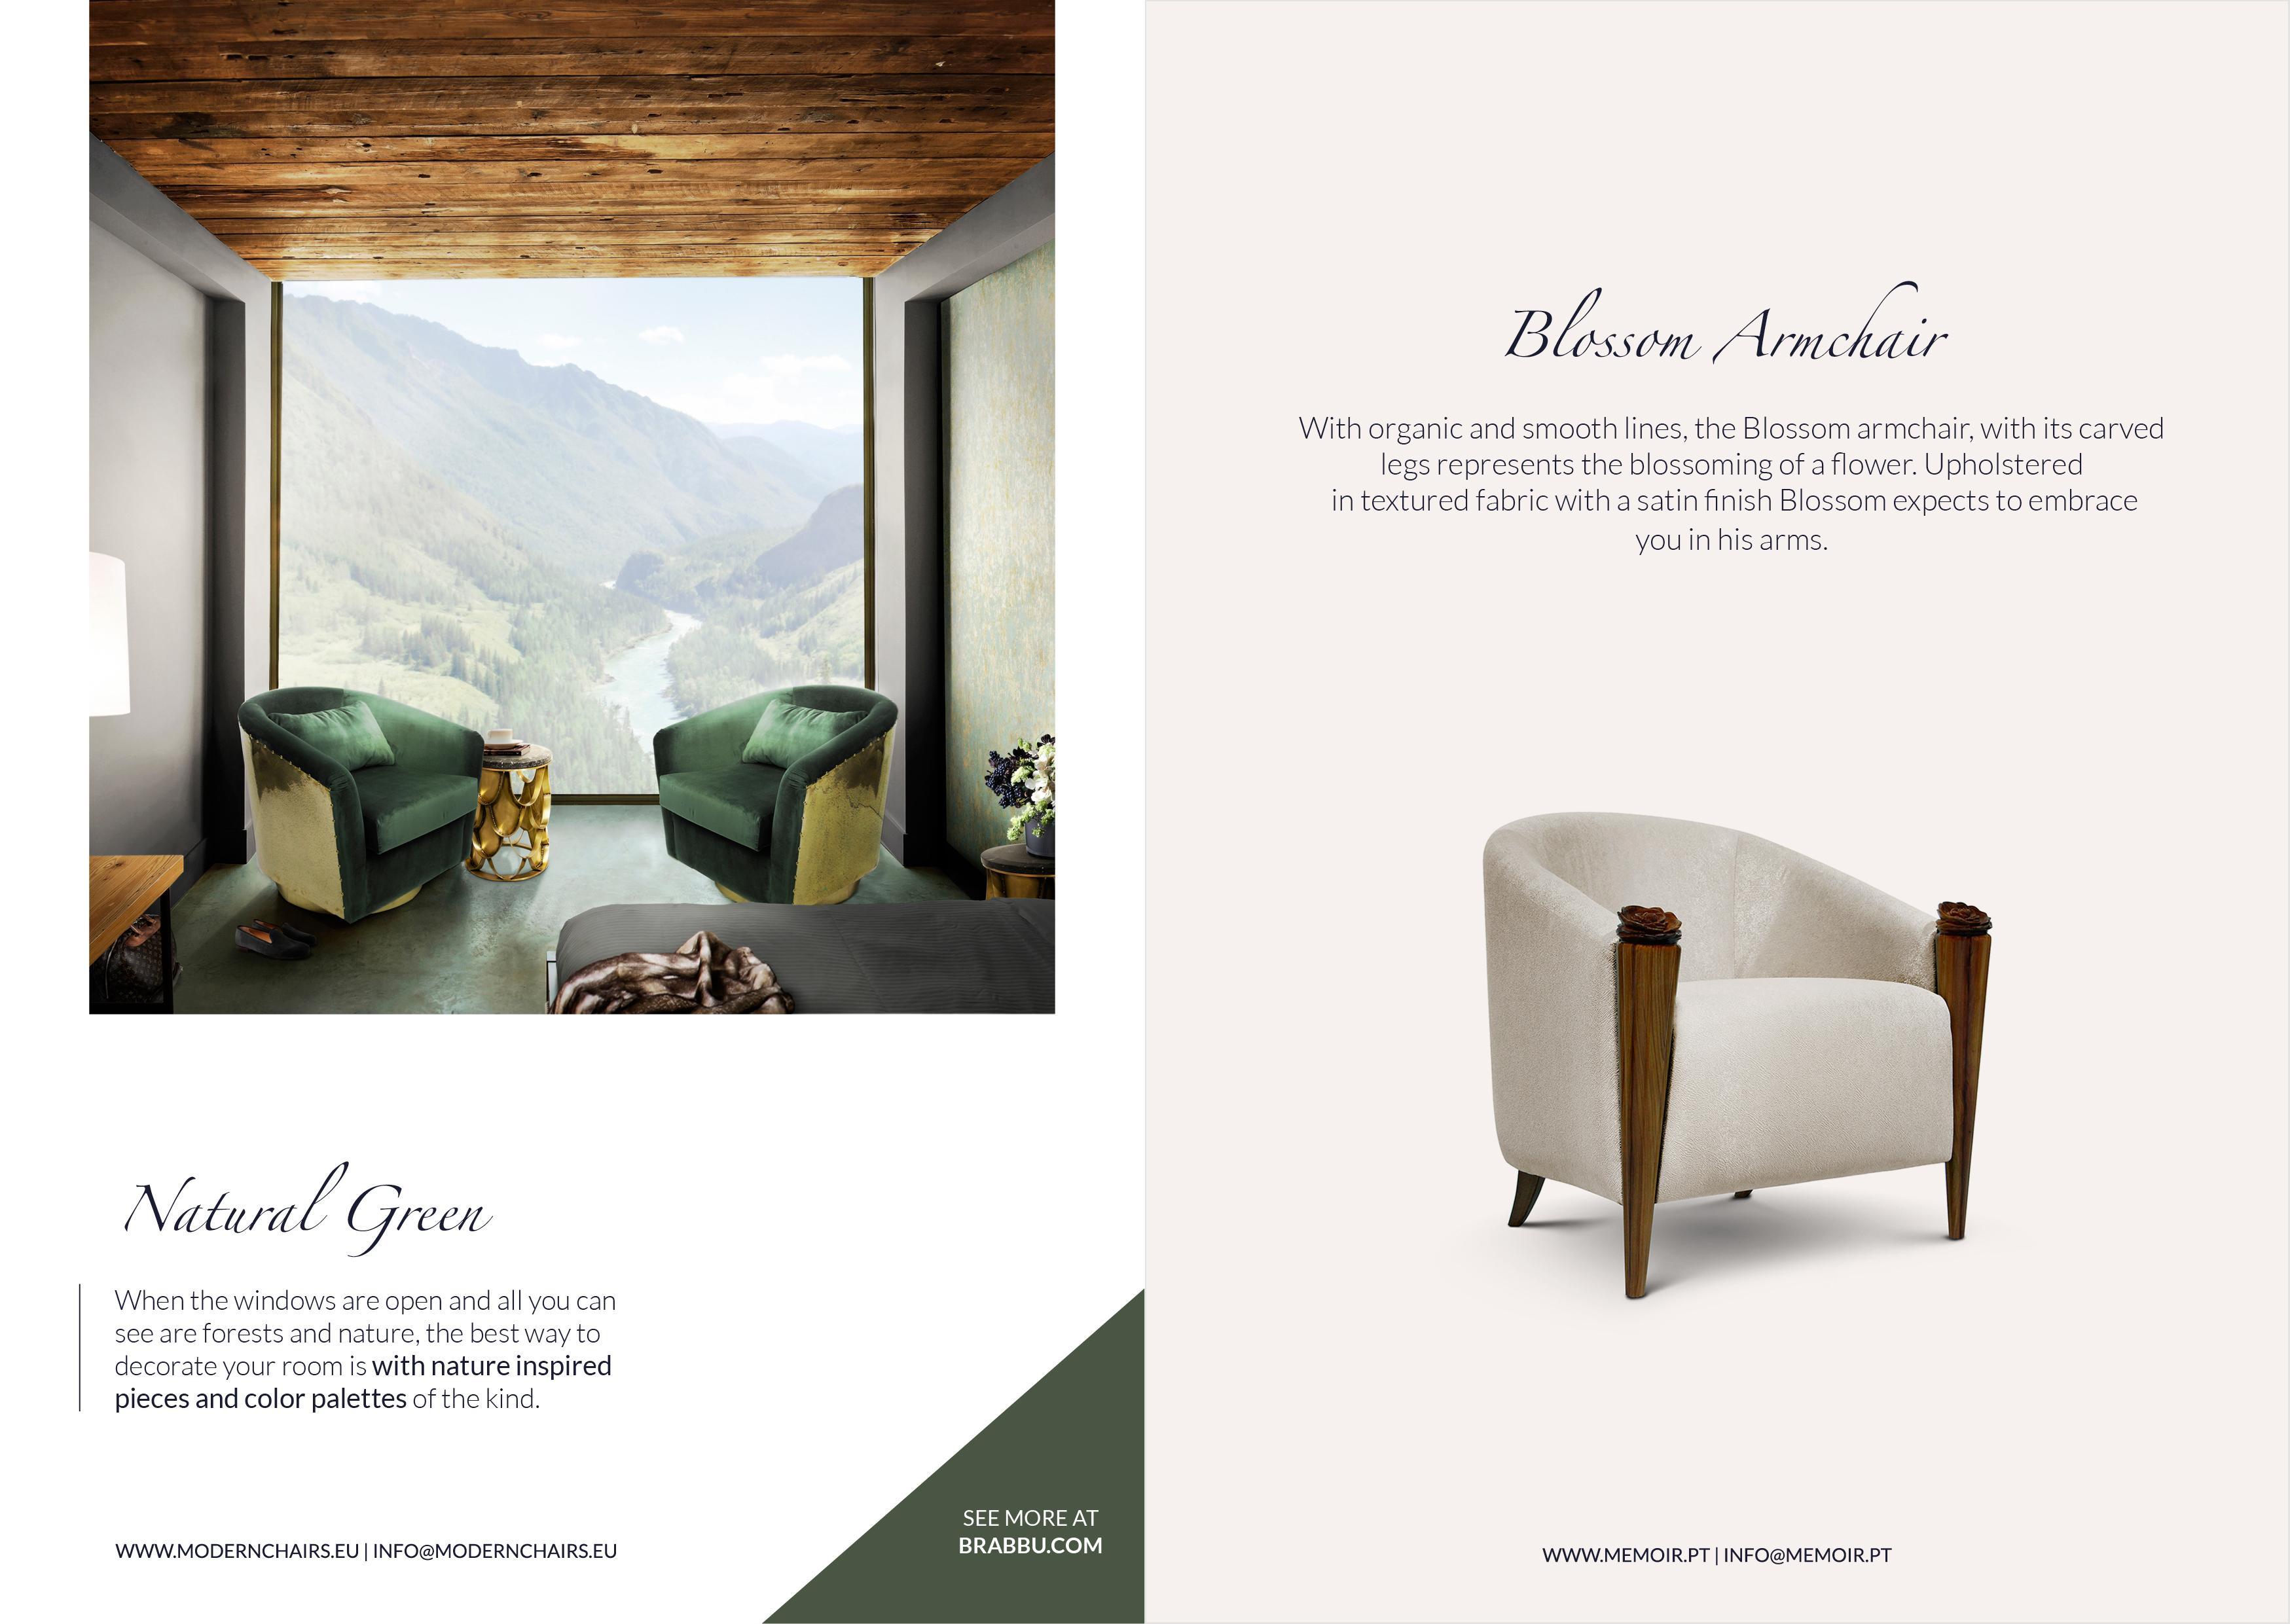 how to choose the right velvet chairs 1 velvet chairs How to choose the right velvet chairs – a luxury style ebook how to choose the right velvet chair 1